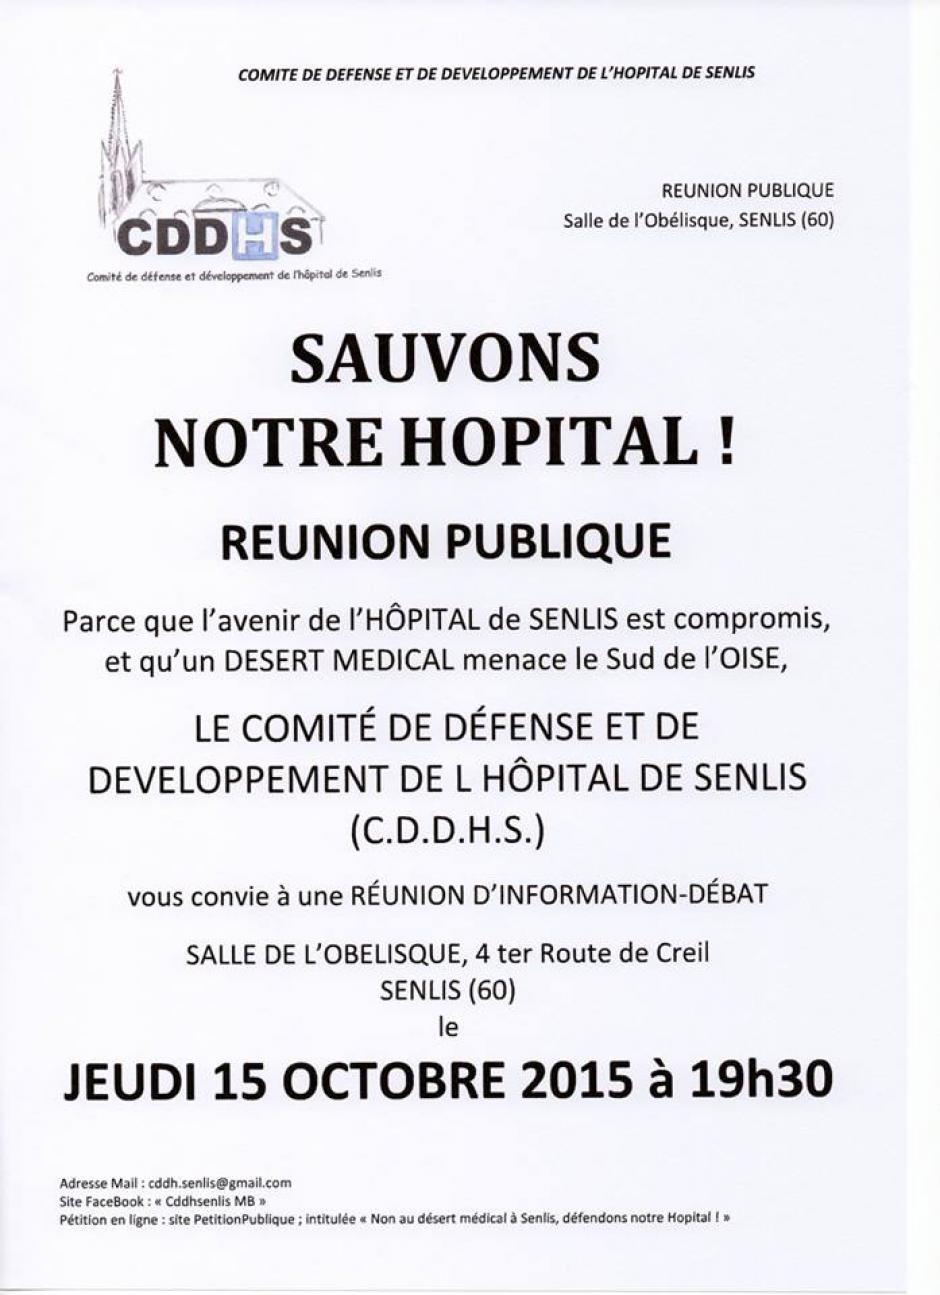 15 octobre, Senlis - Comité de défense-Réunion publique « Sauvons notre hôpital »